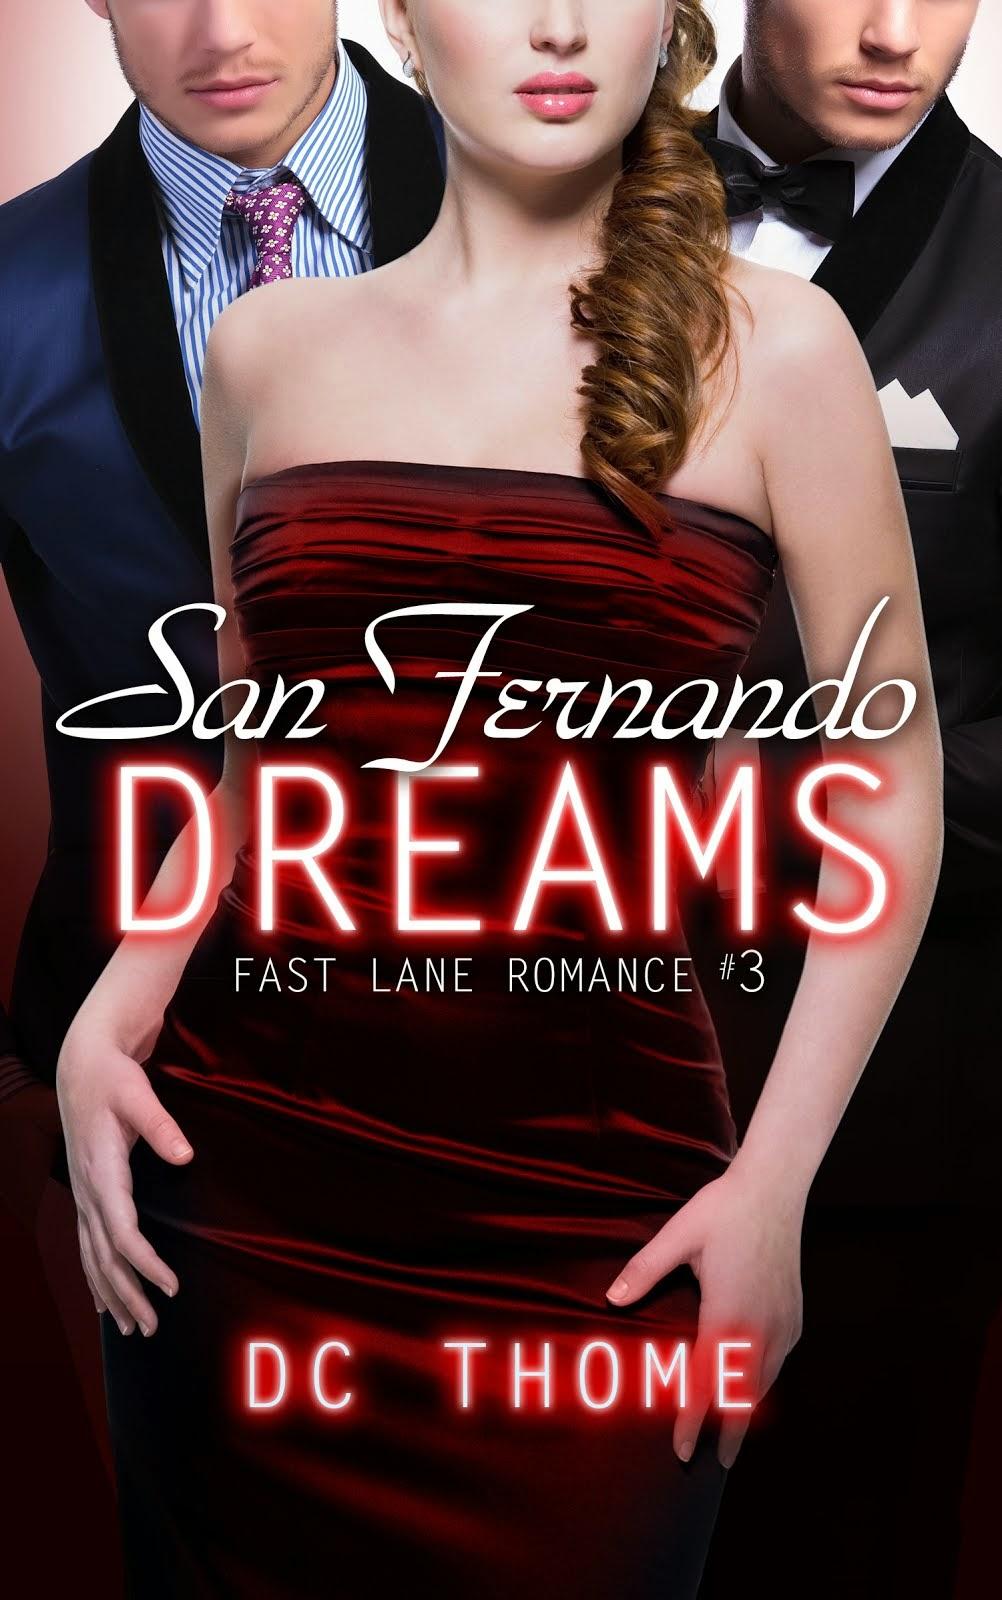 Fast Lane Romance #3: San Fernando Dreams